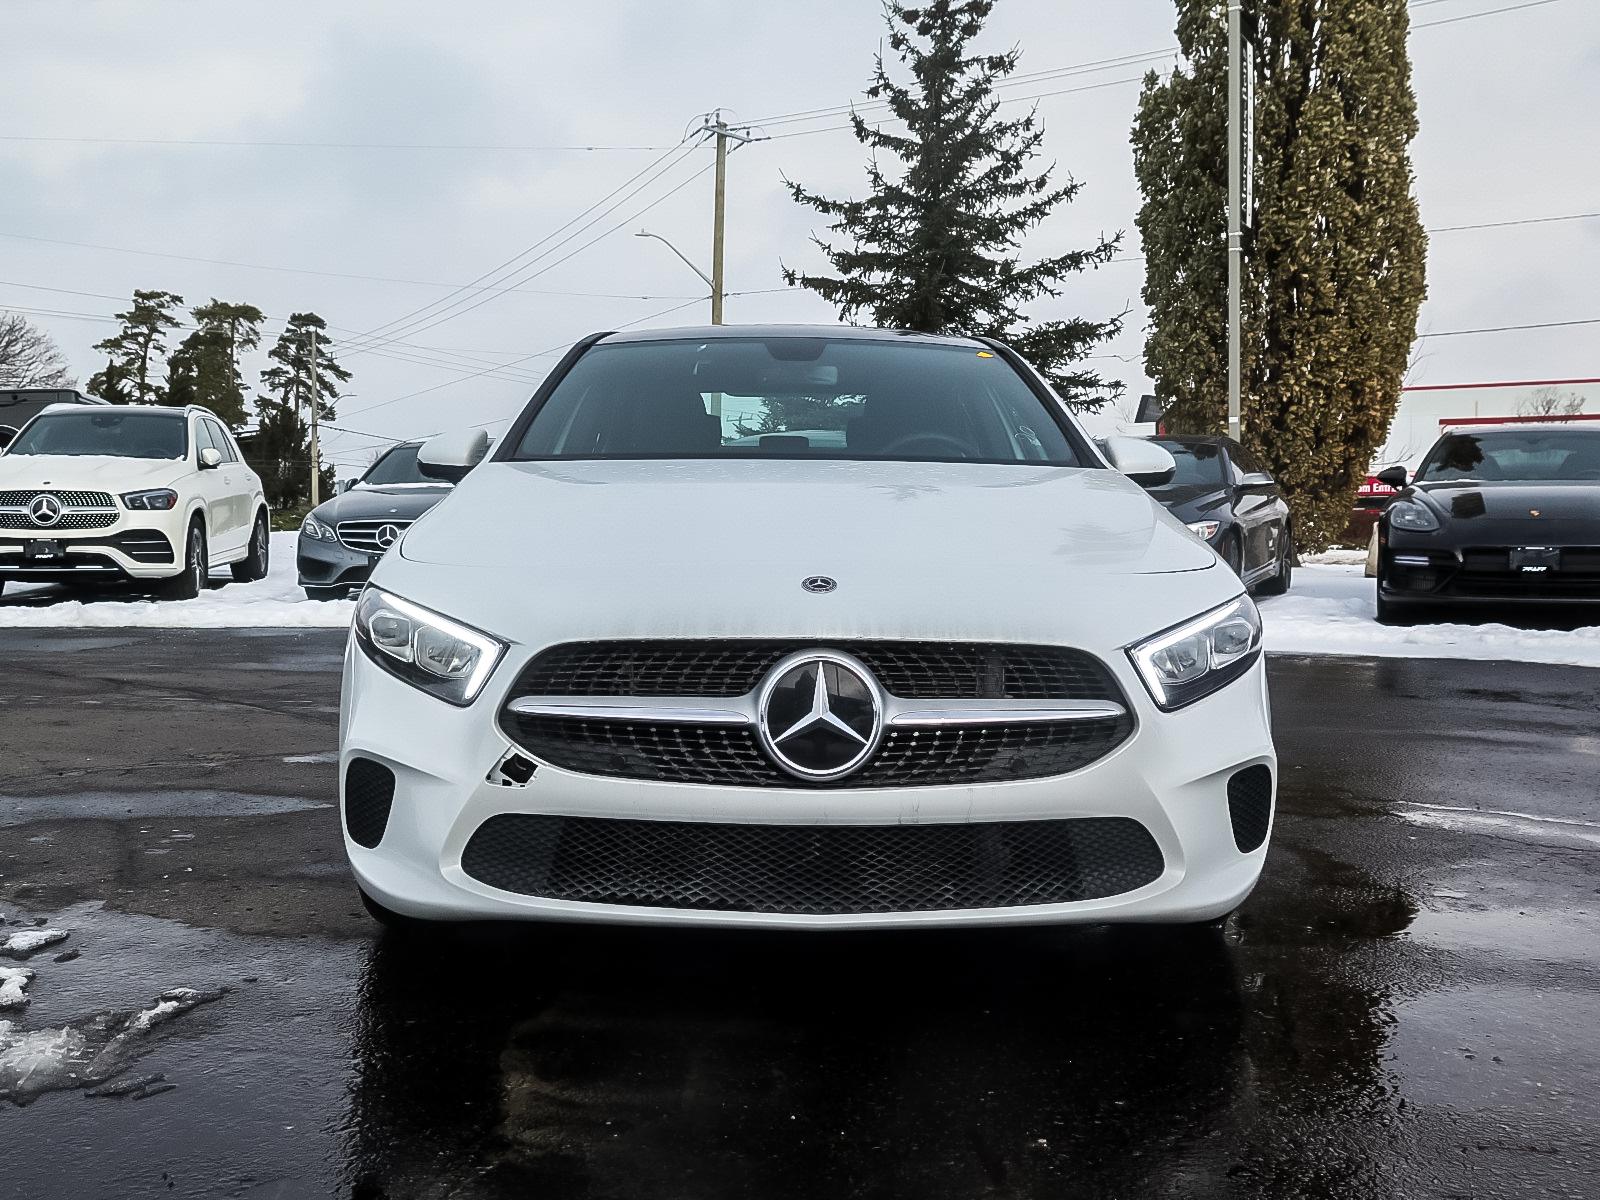 New 2020 Mercedes-Benz A220 4MATIC Sedan